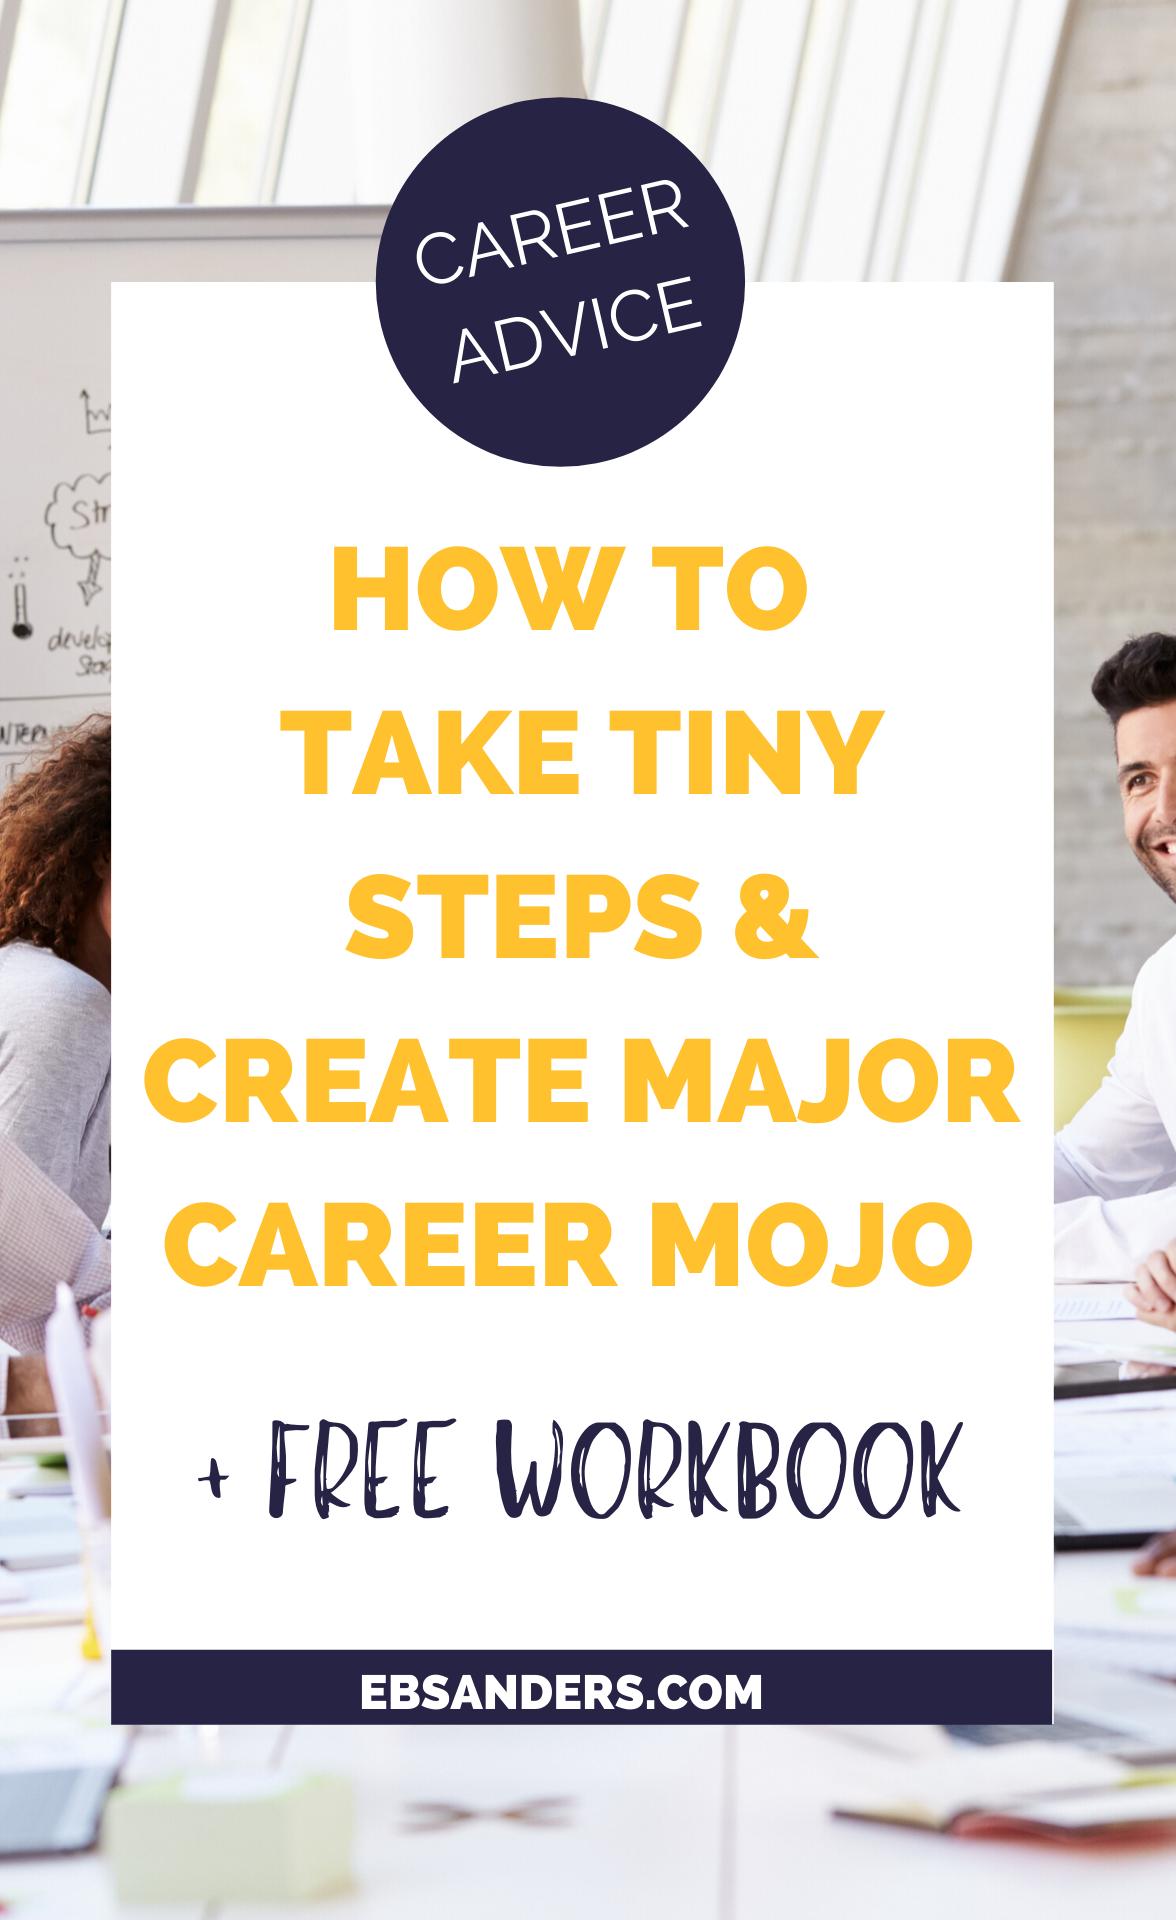 52 Weekly Work Tips Free Career Worksheet To Create Major